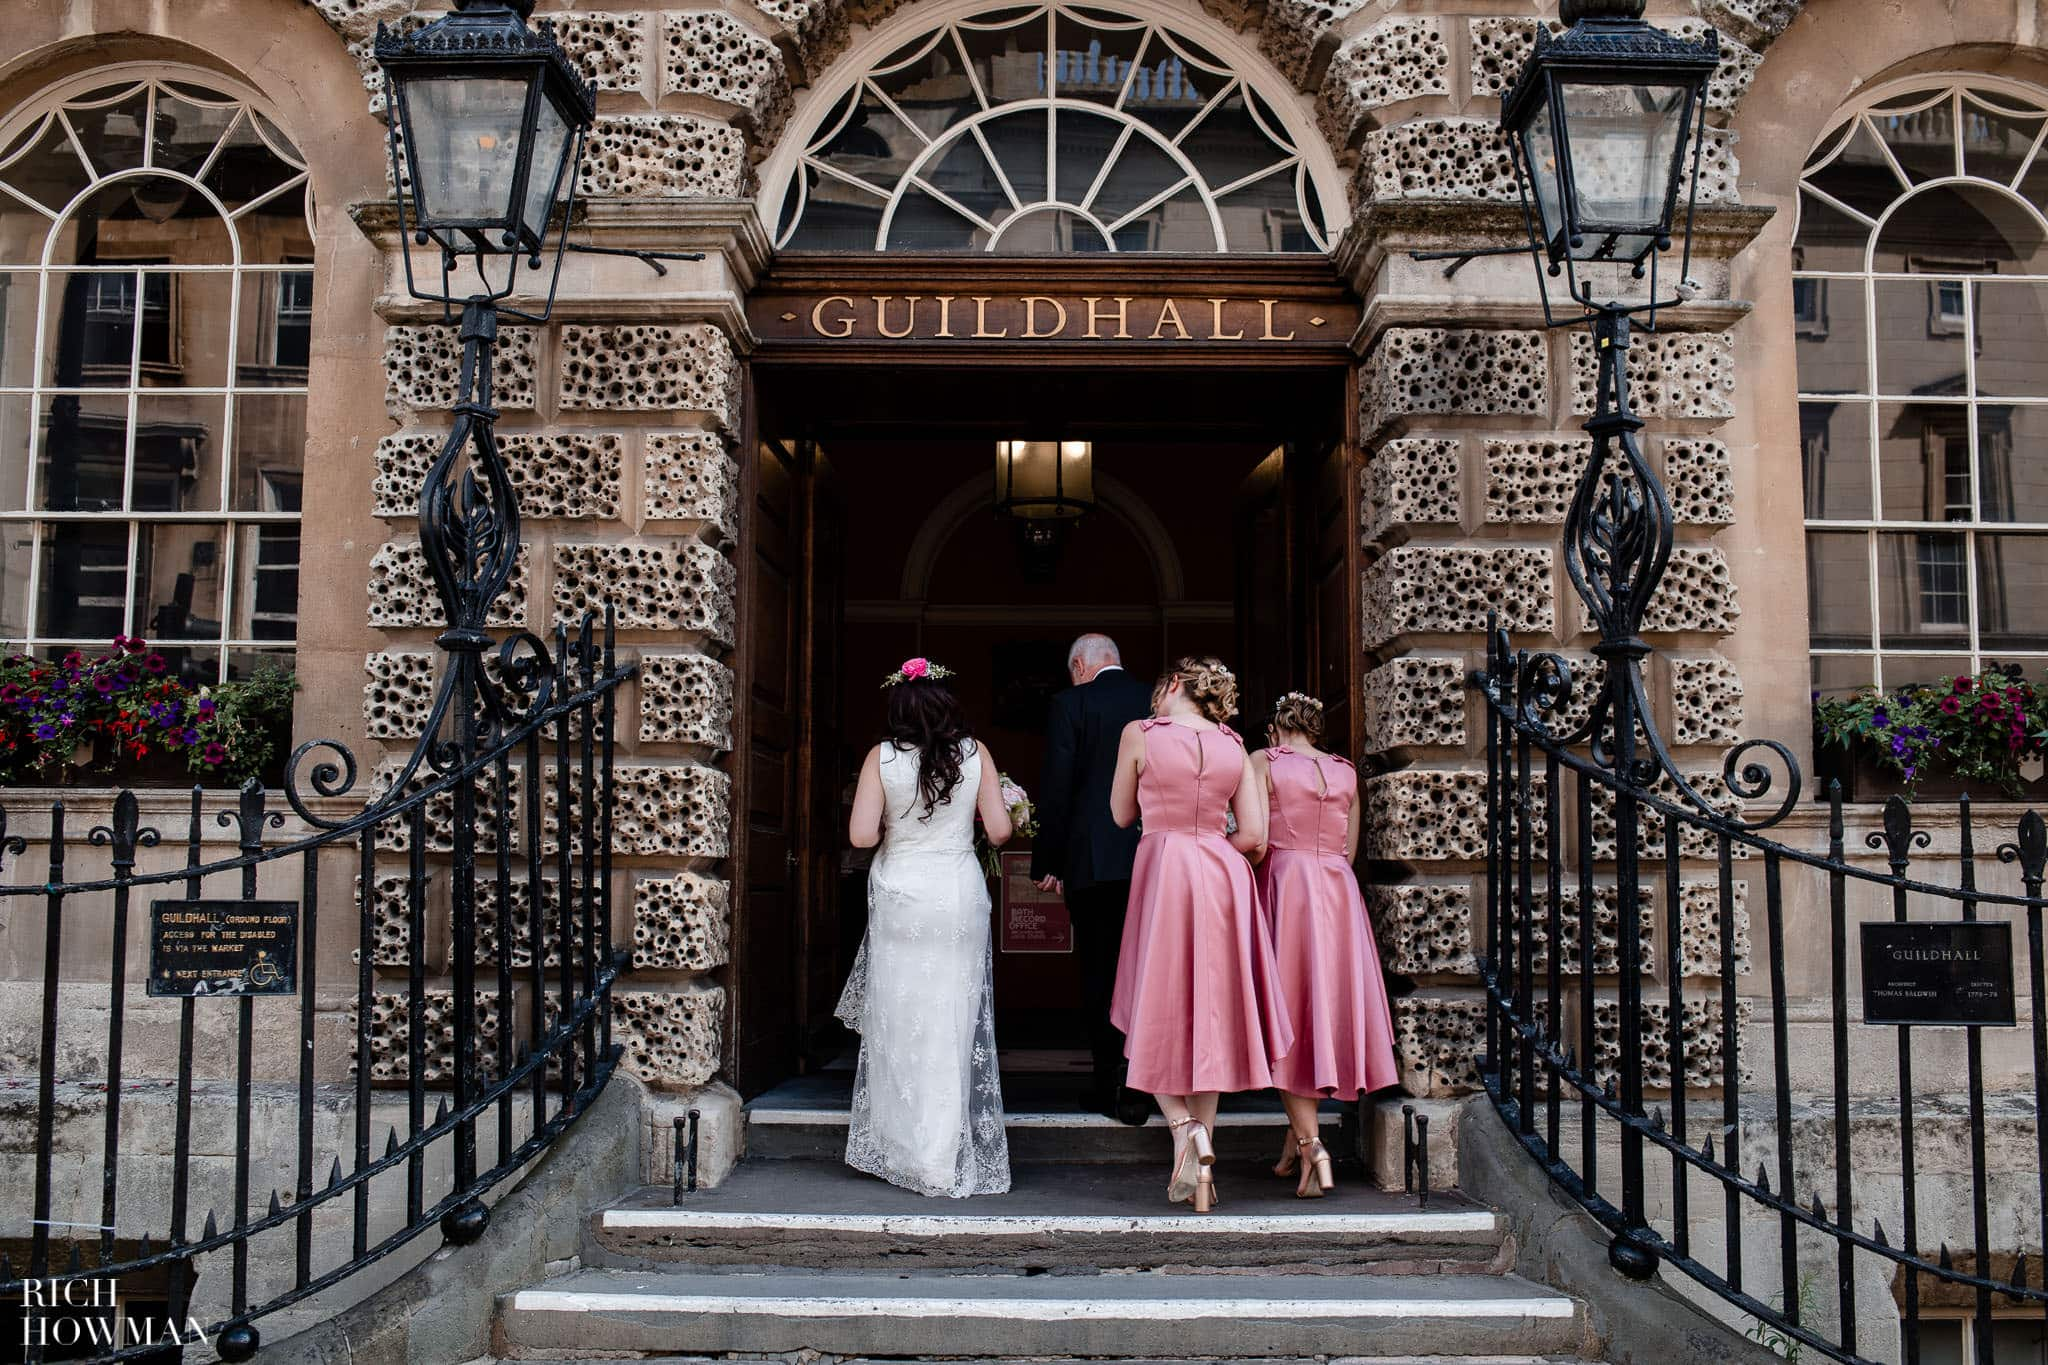 Bath Guildhall Wedding | Gloucestershire Farm Reception 46